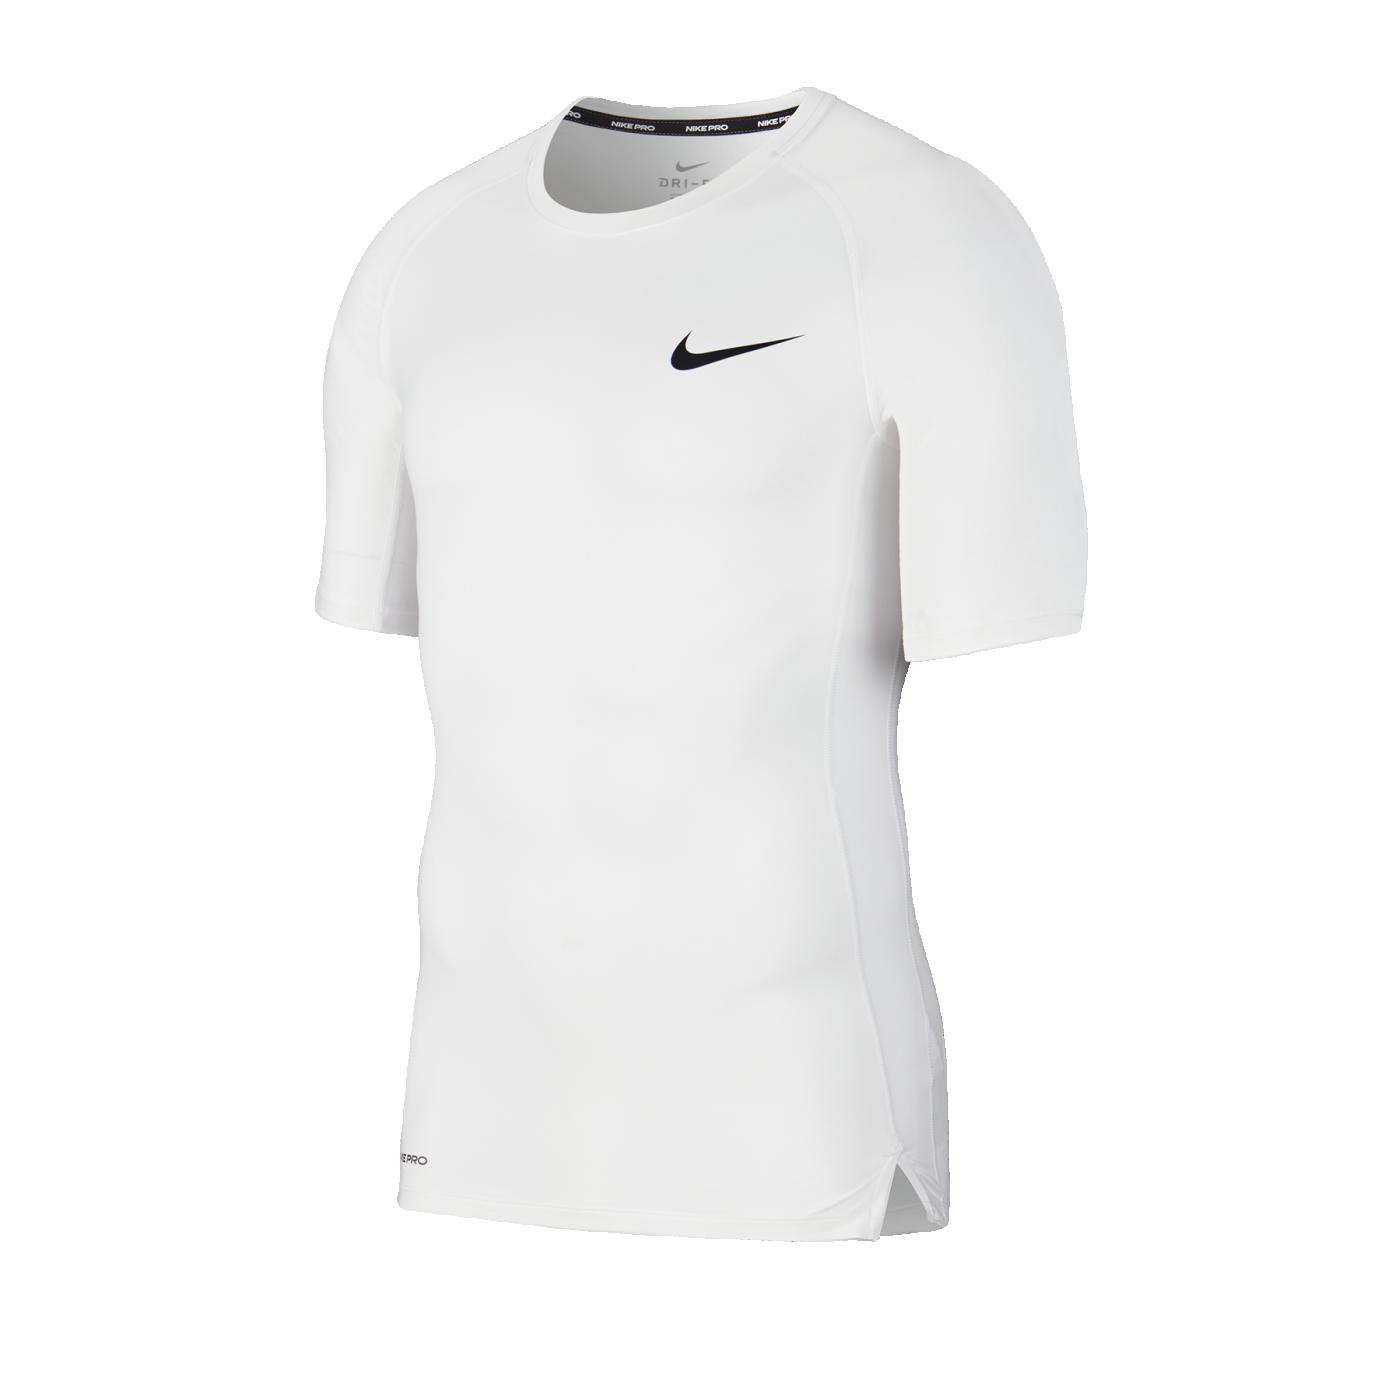 Nike Pro Trainingsshirt kurzarm Weiss F100 - weiss